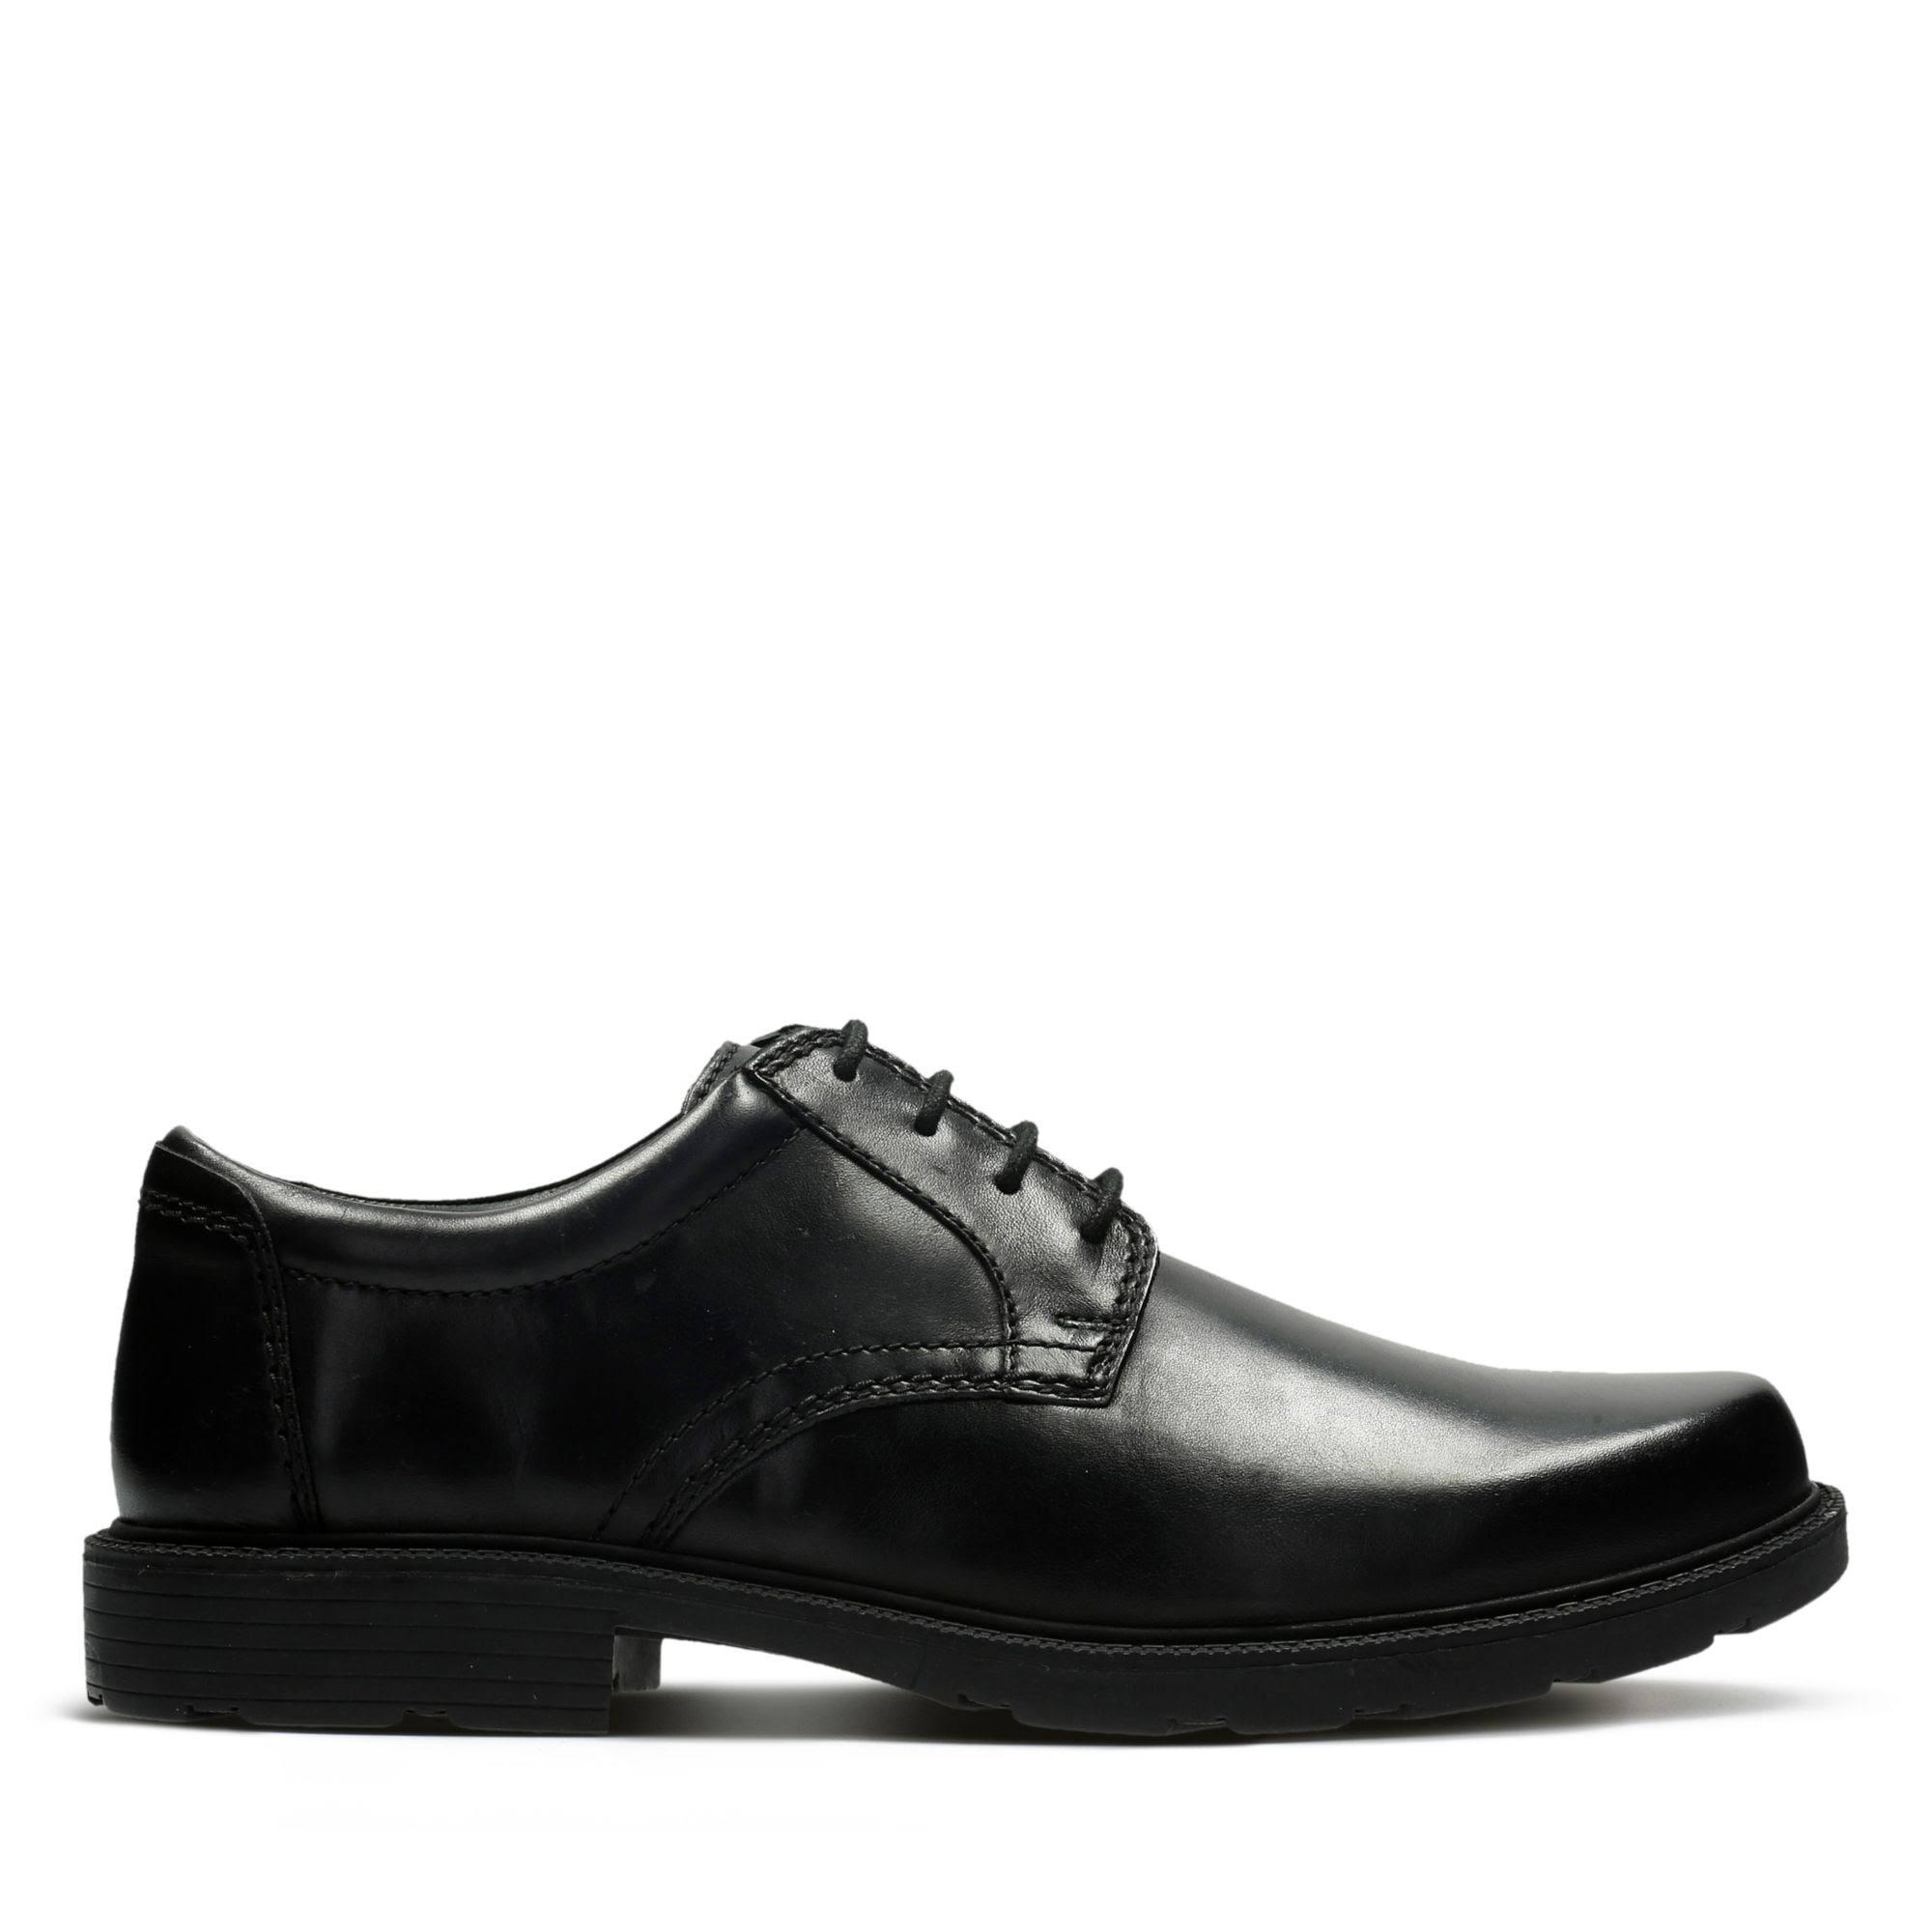 Clarks Lair Leather Men 7 Shoes Black Up Size Lace rrxdB7qwZ